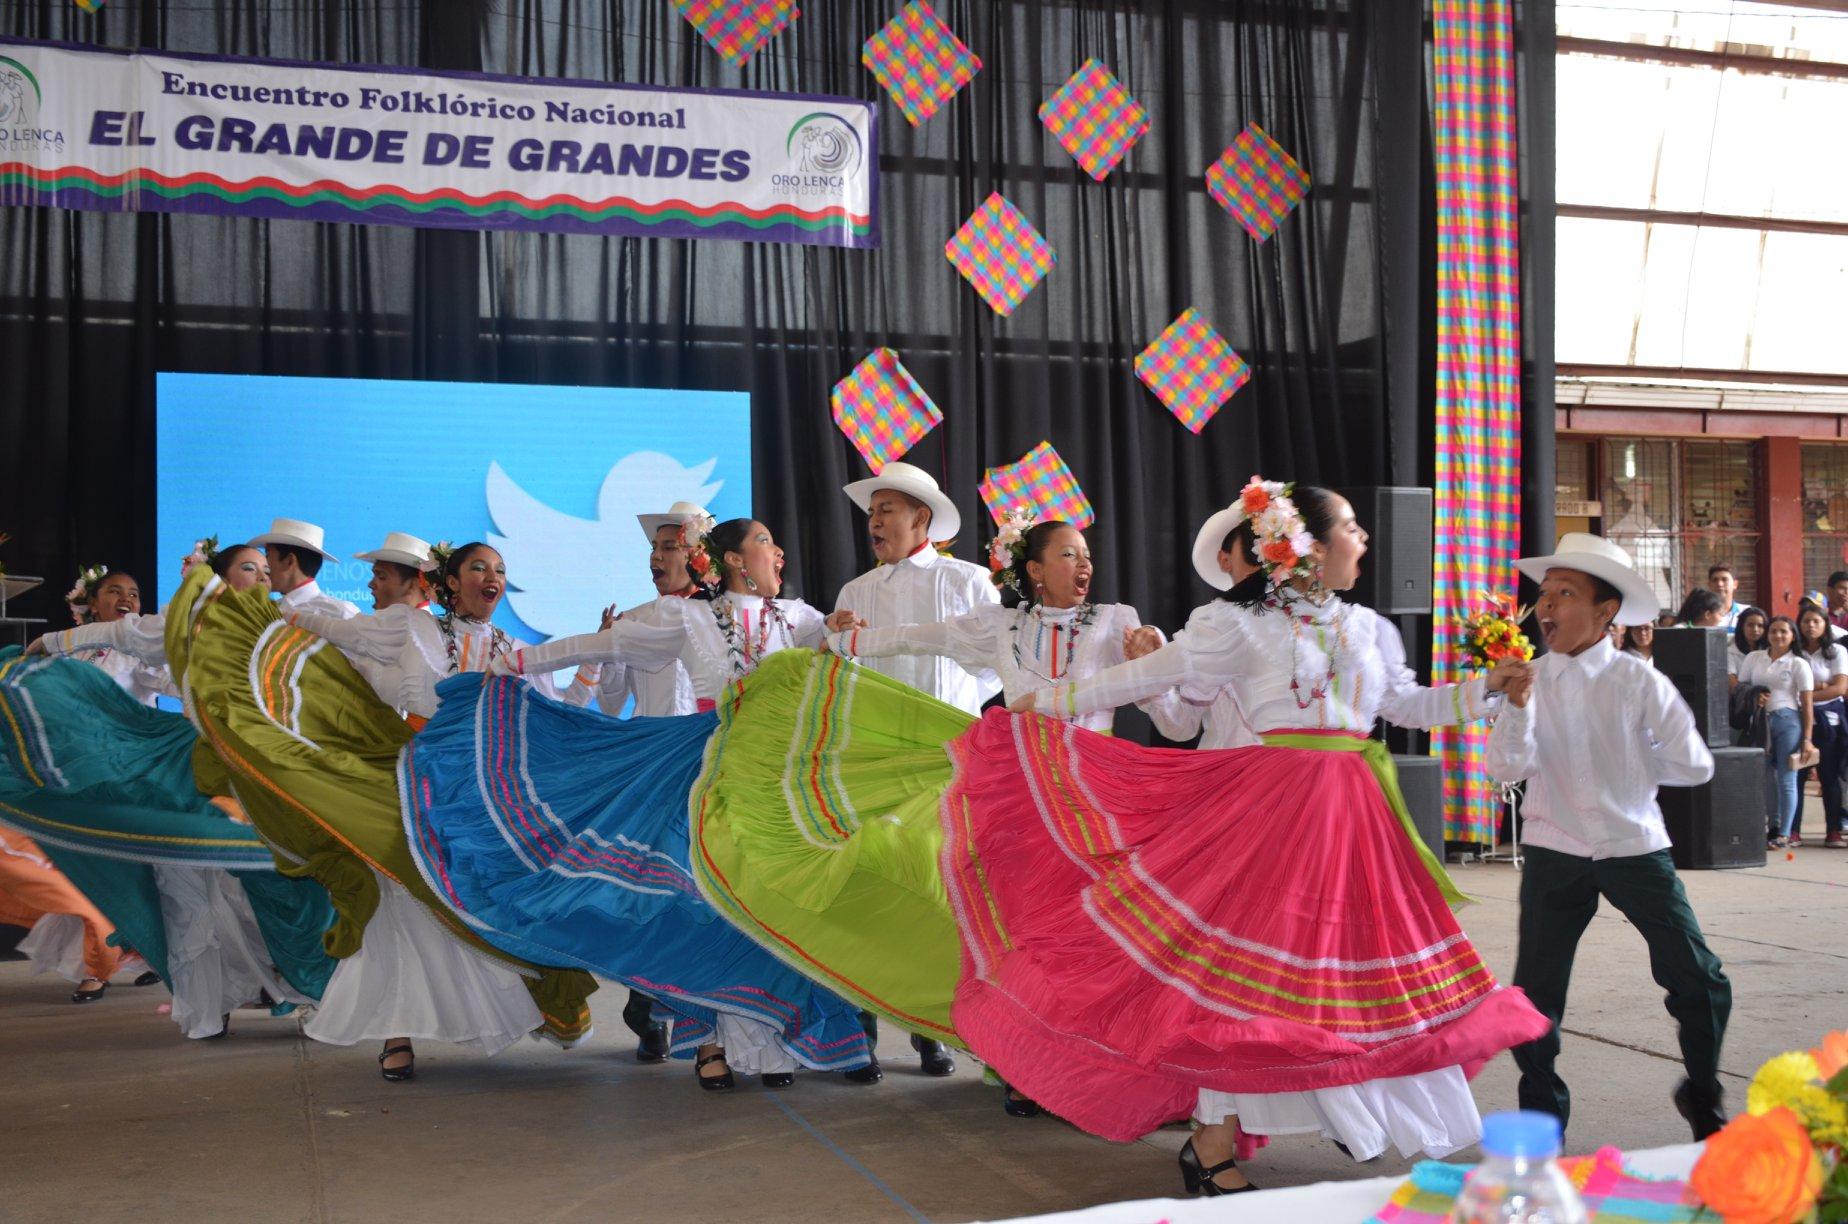 Festival de Danzas Folklóricas Grande de Grandes será este 9 de octubre